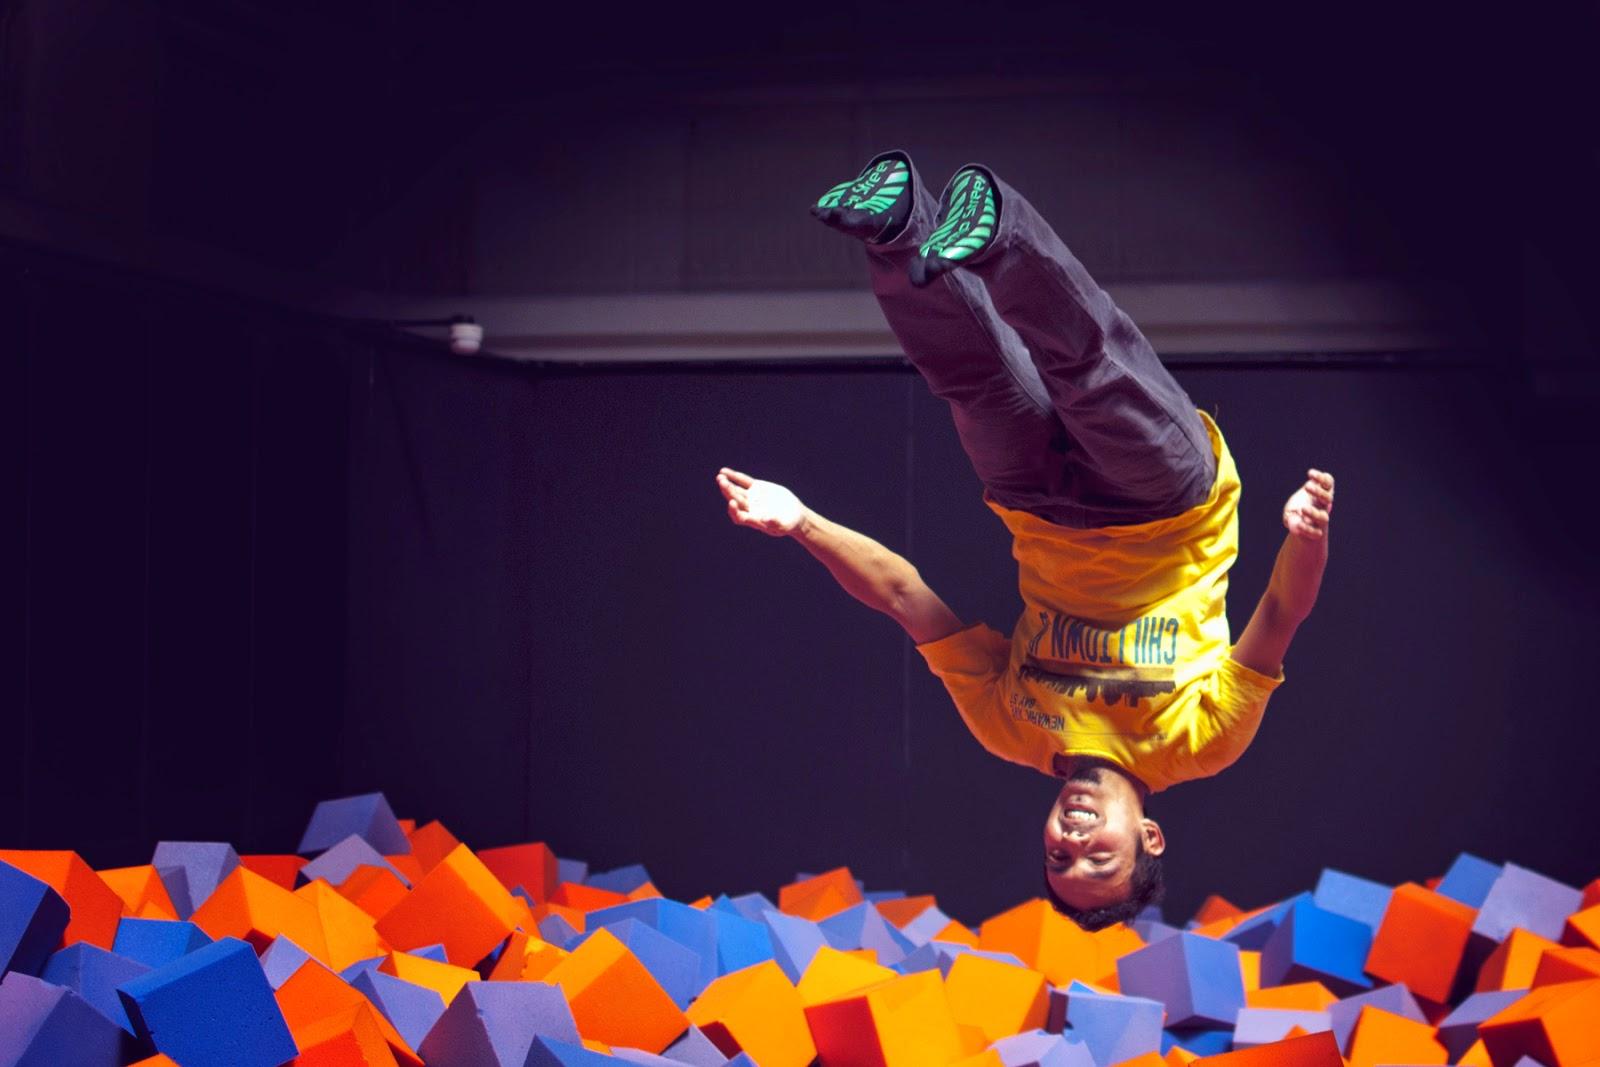 Santai ahad, penang Street Jump, Melompat lebih tinggi, Street jump, arzmoha, gambar cantik, tempat menarik, penang, malaysia